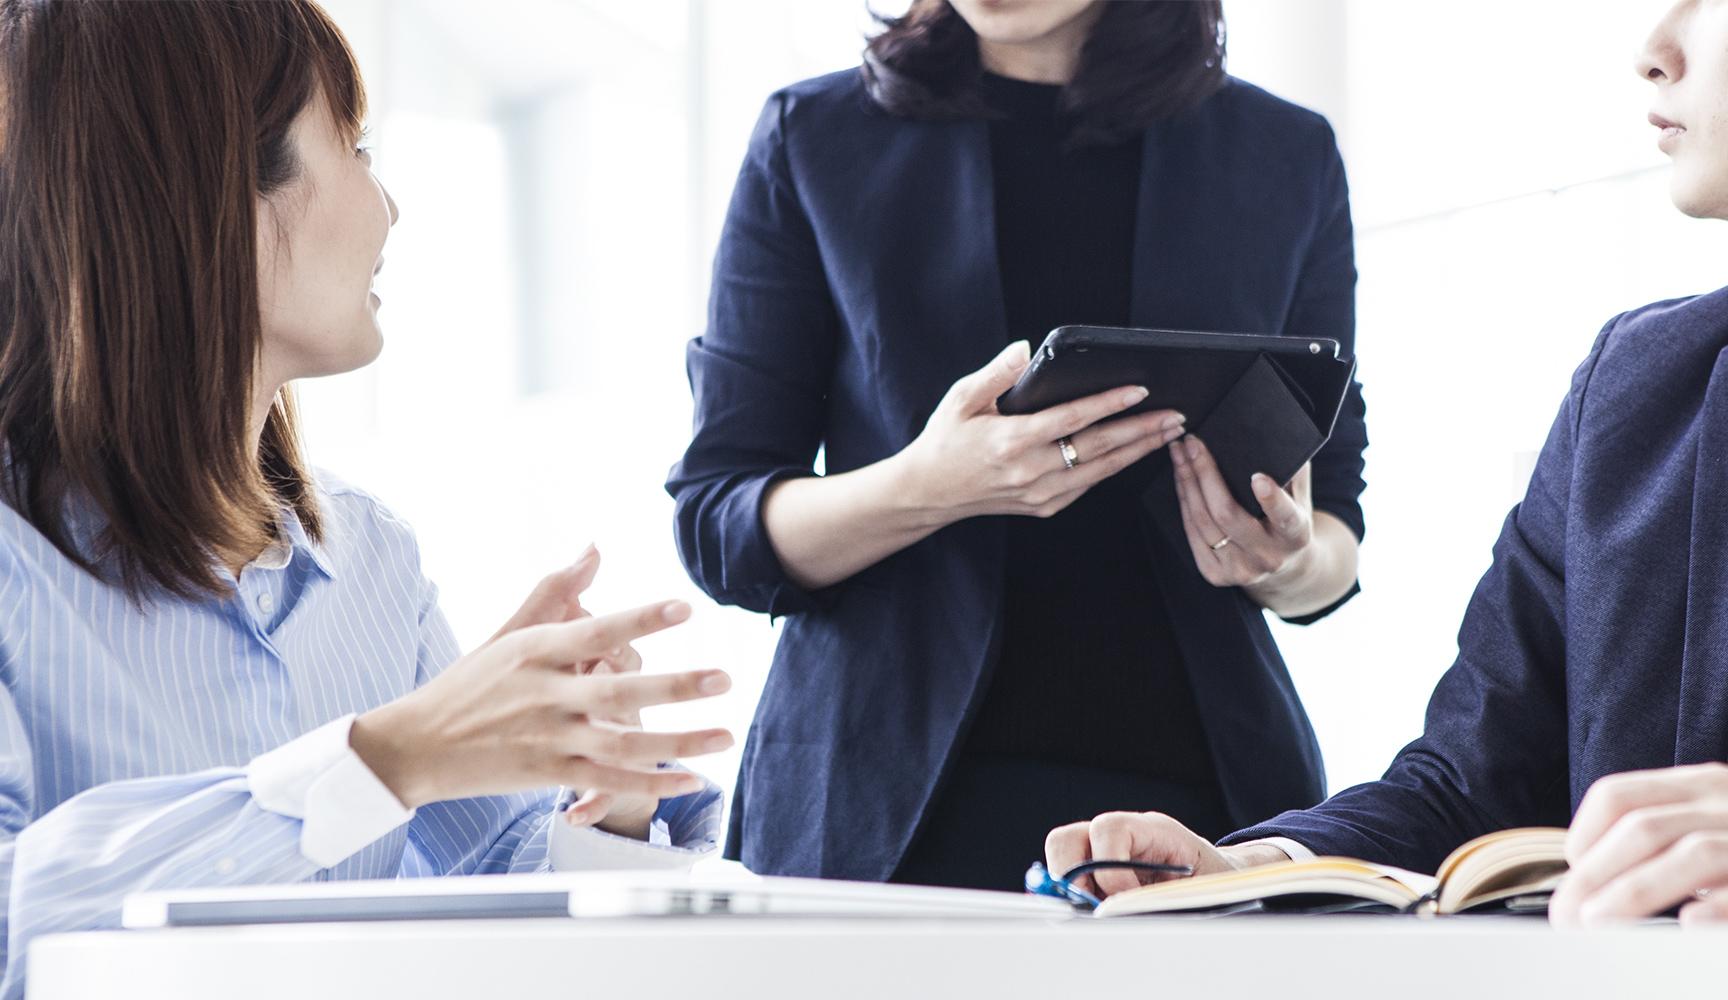 人間的成長を支援するコミュニケーションの専門家 | 都内で企業向けの中堅社員研修を受けるなら「仮面ソムリエール」